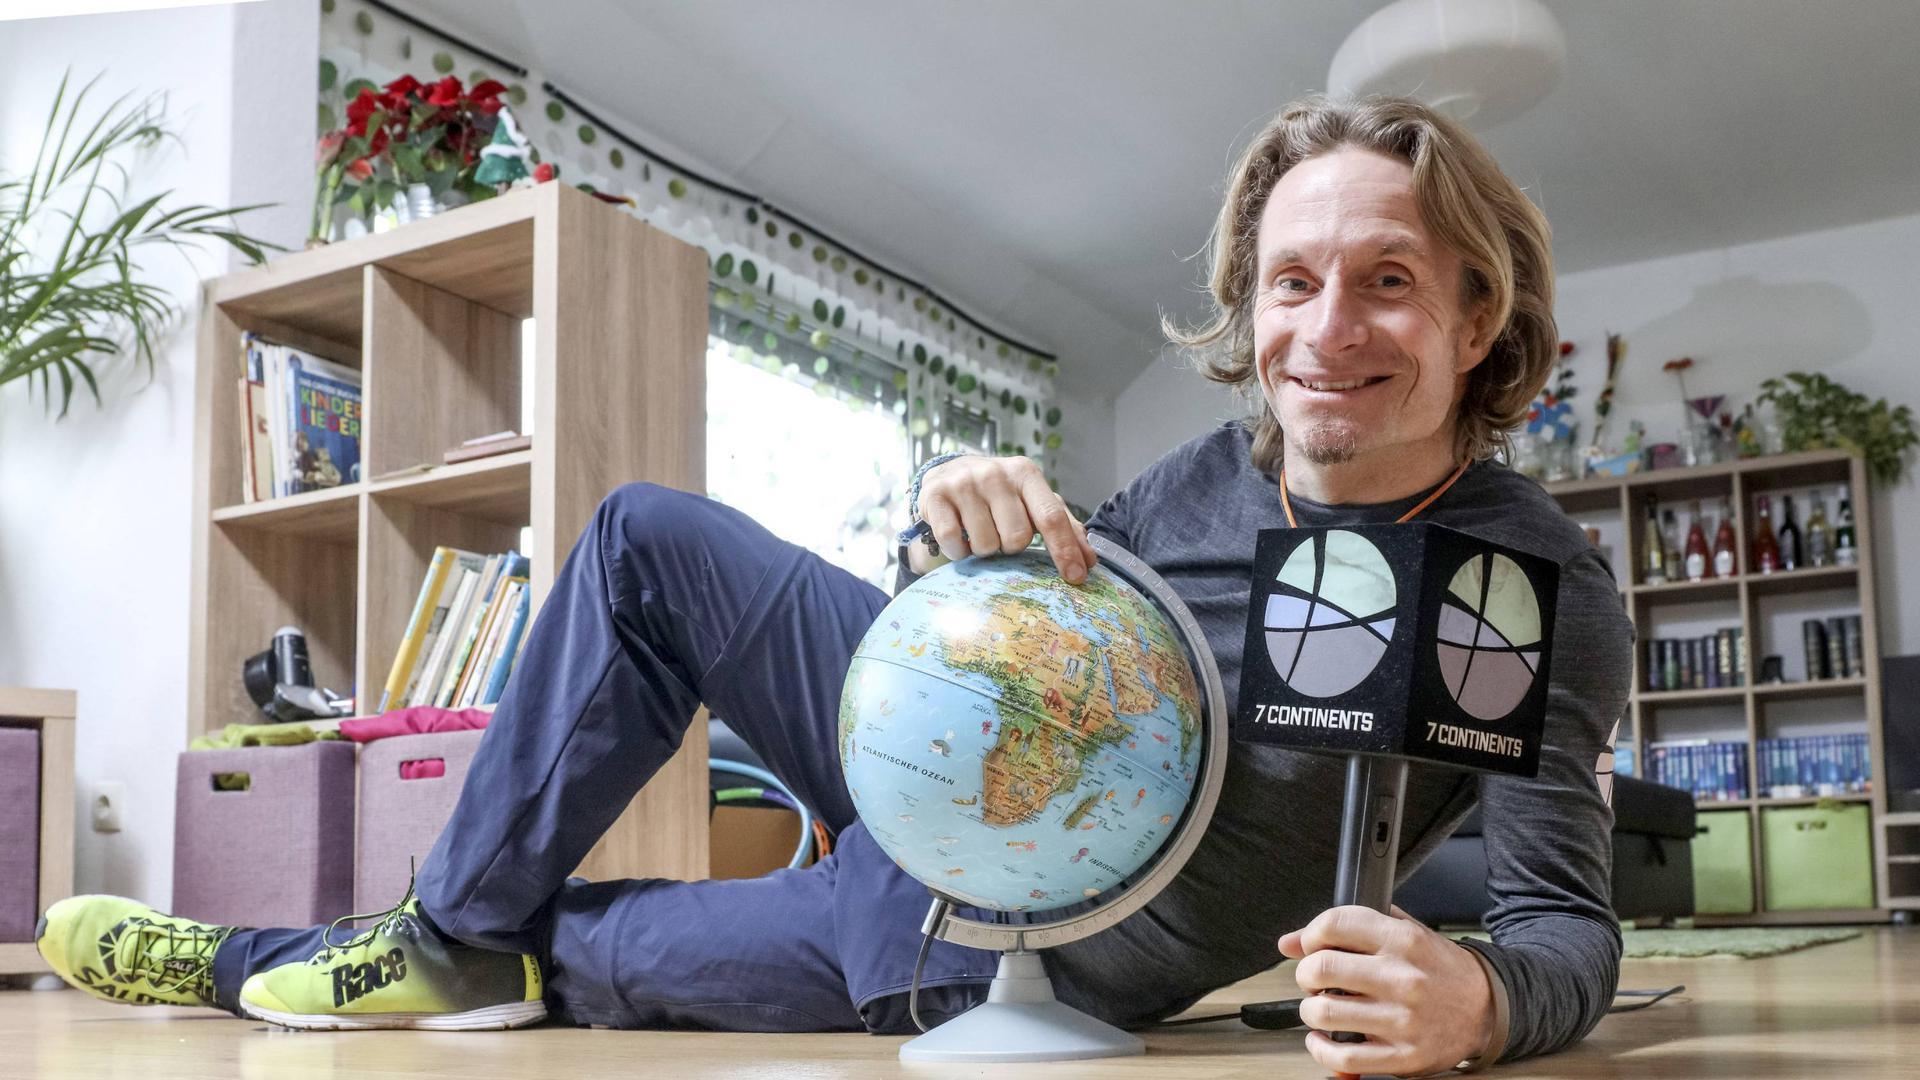 Der Waldbronner Norman Bücher will sein Weltprojekt nicht aus den Augen verlieren und trotz Corona-Krise auf sieben Kontinenten tausende Kilometer zurücklegen, dabei Stimmen von jungen Menschen einholen.